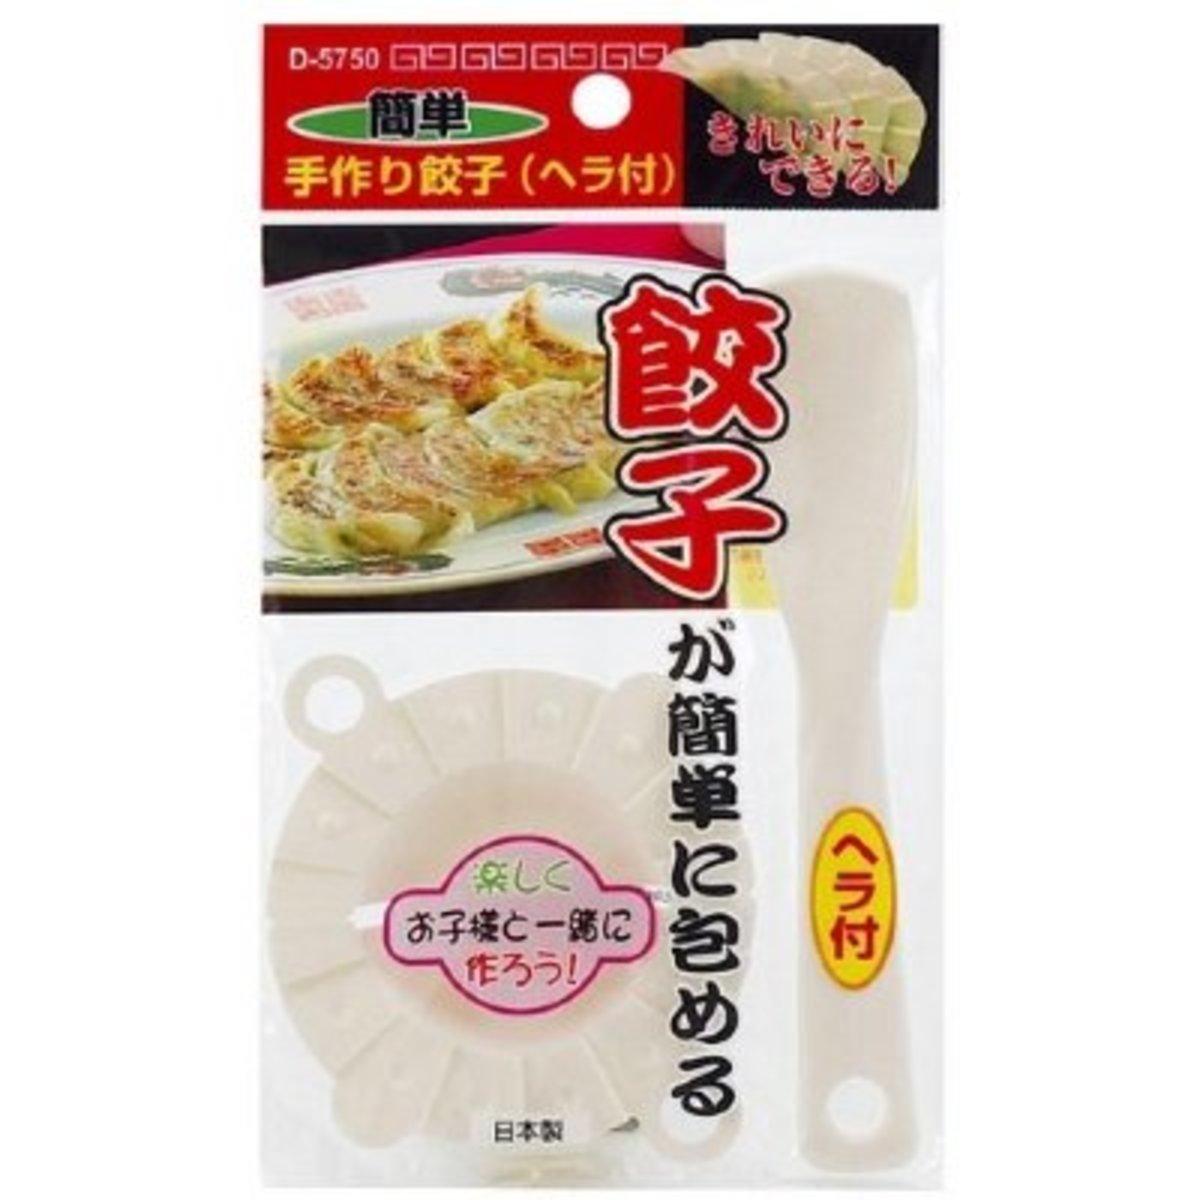 Dumpling maker (with Spoon)